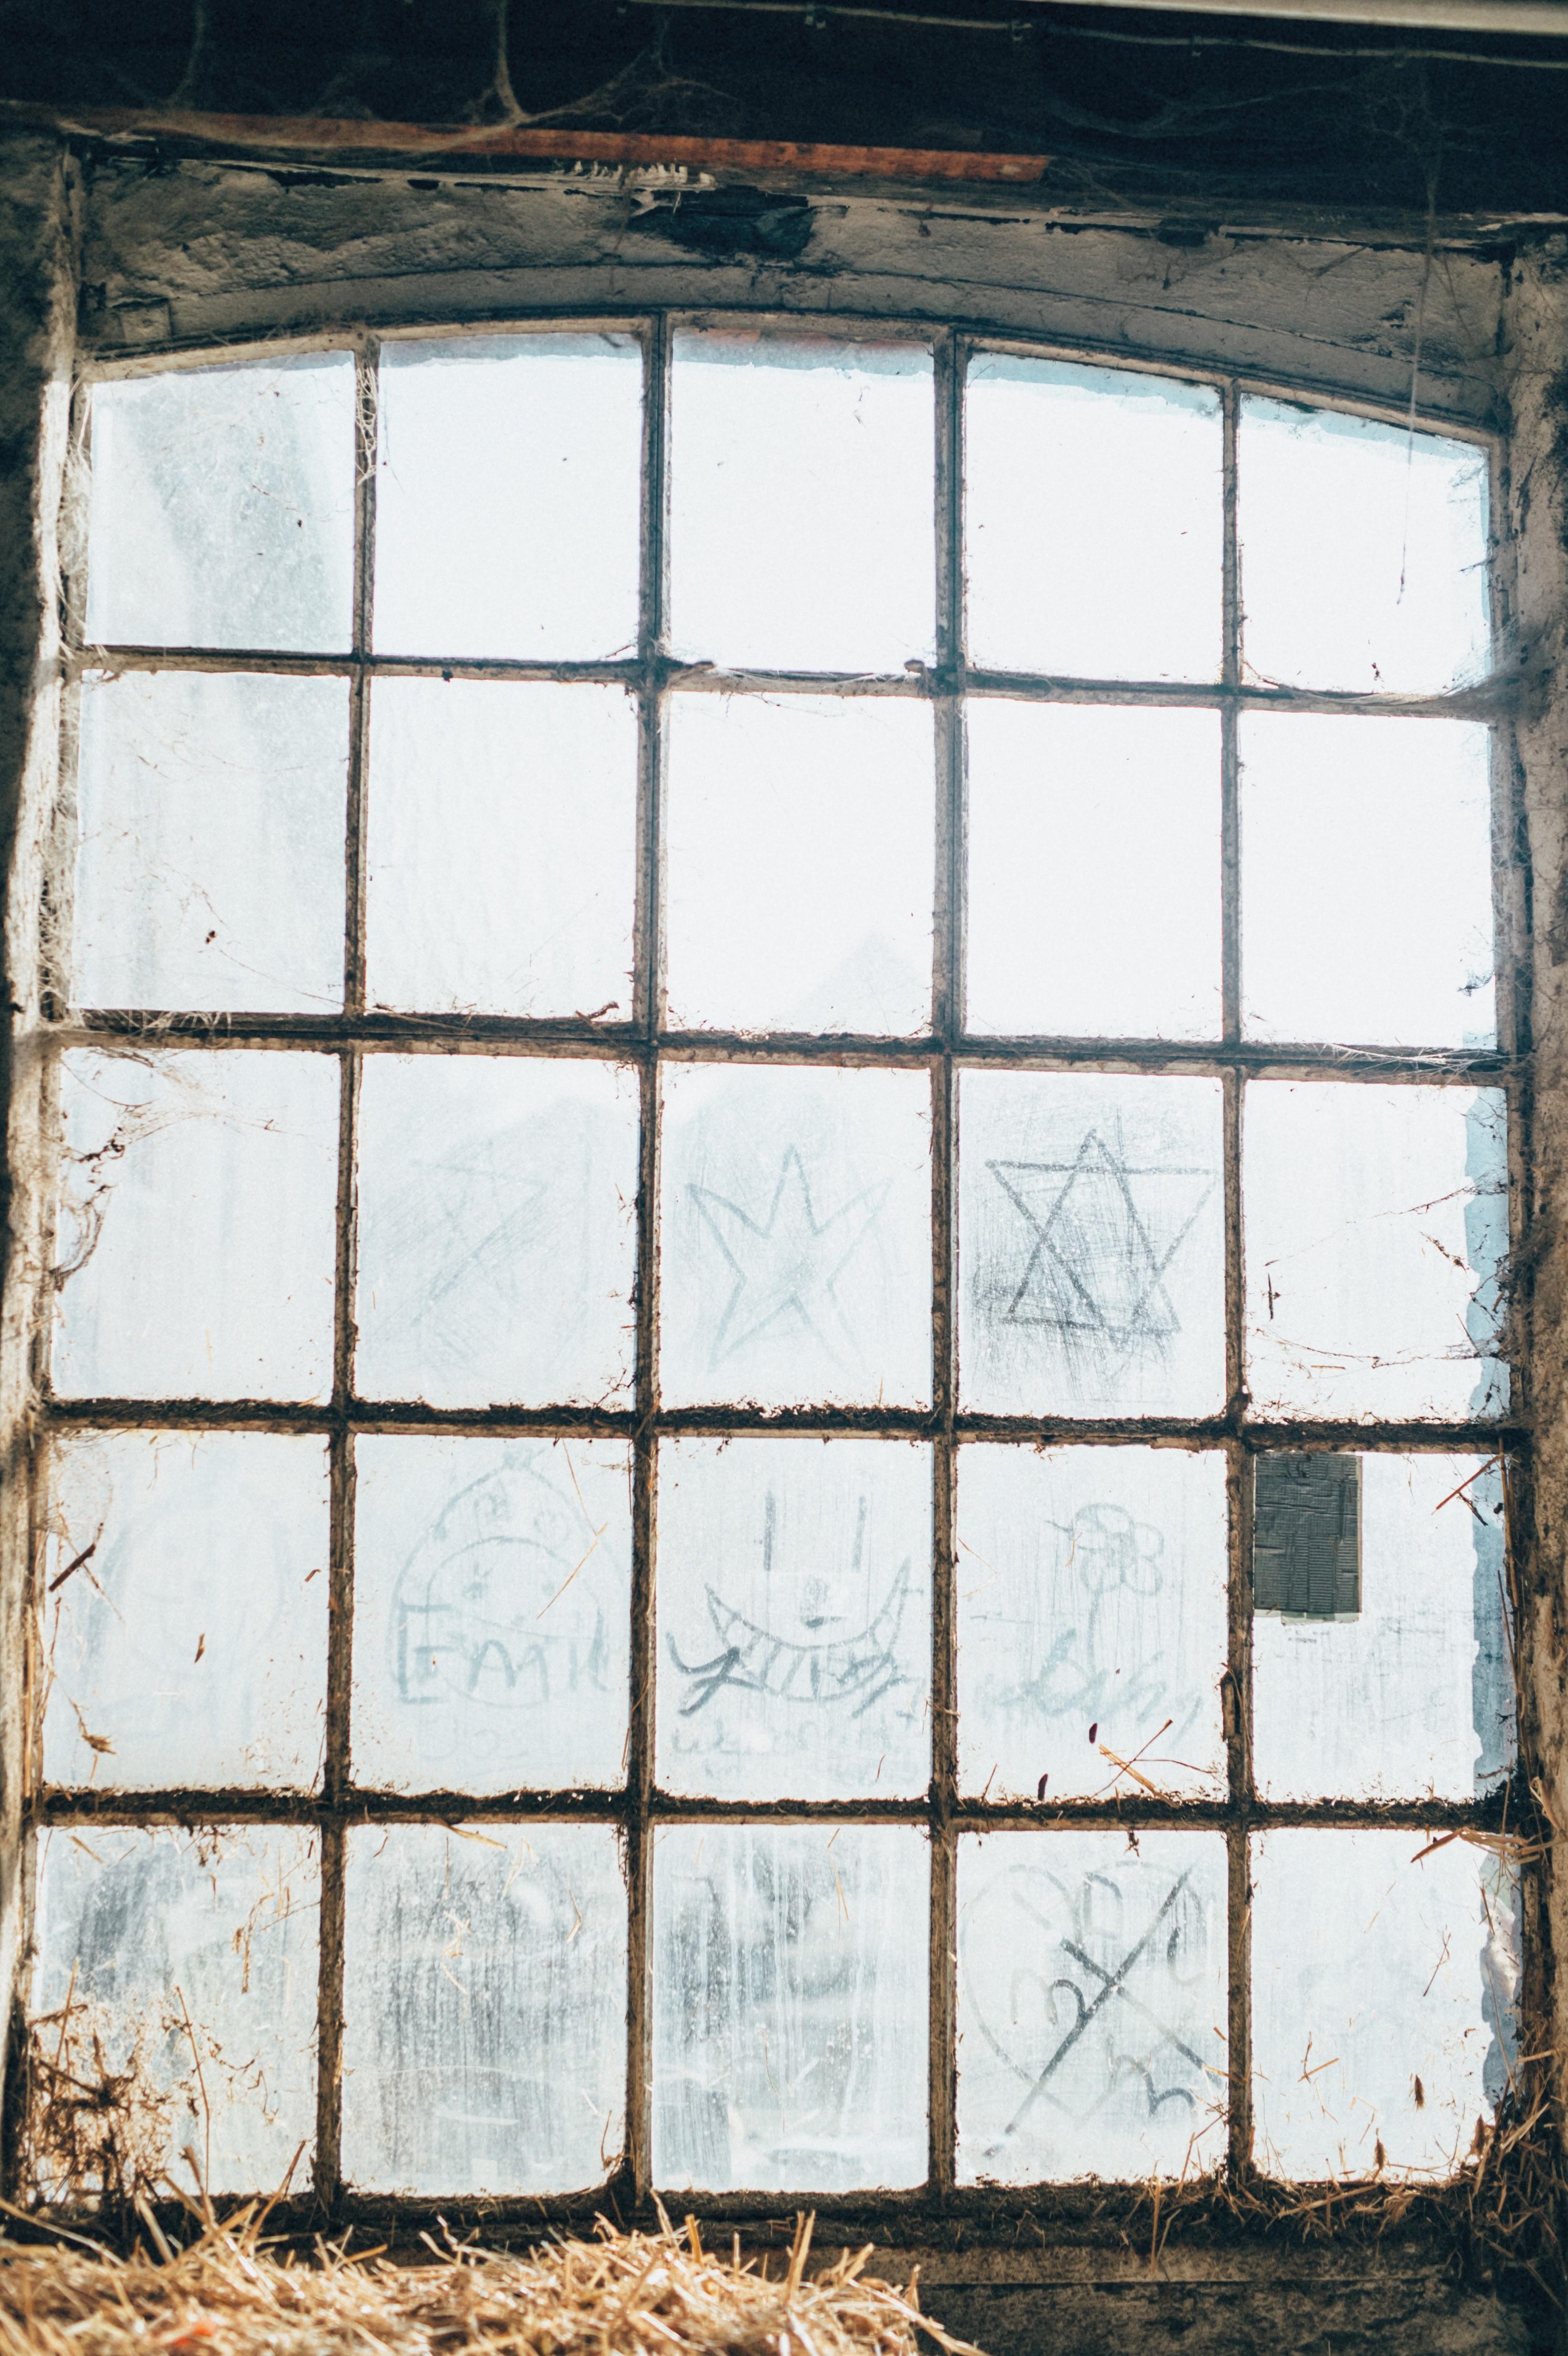 Haus Bilkrath romantische Aufnahme eines alten Stallfensters